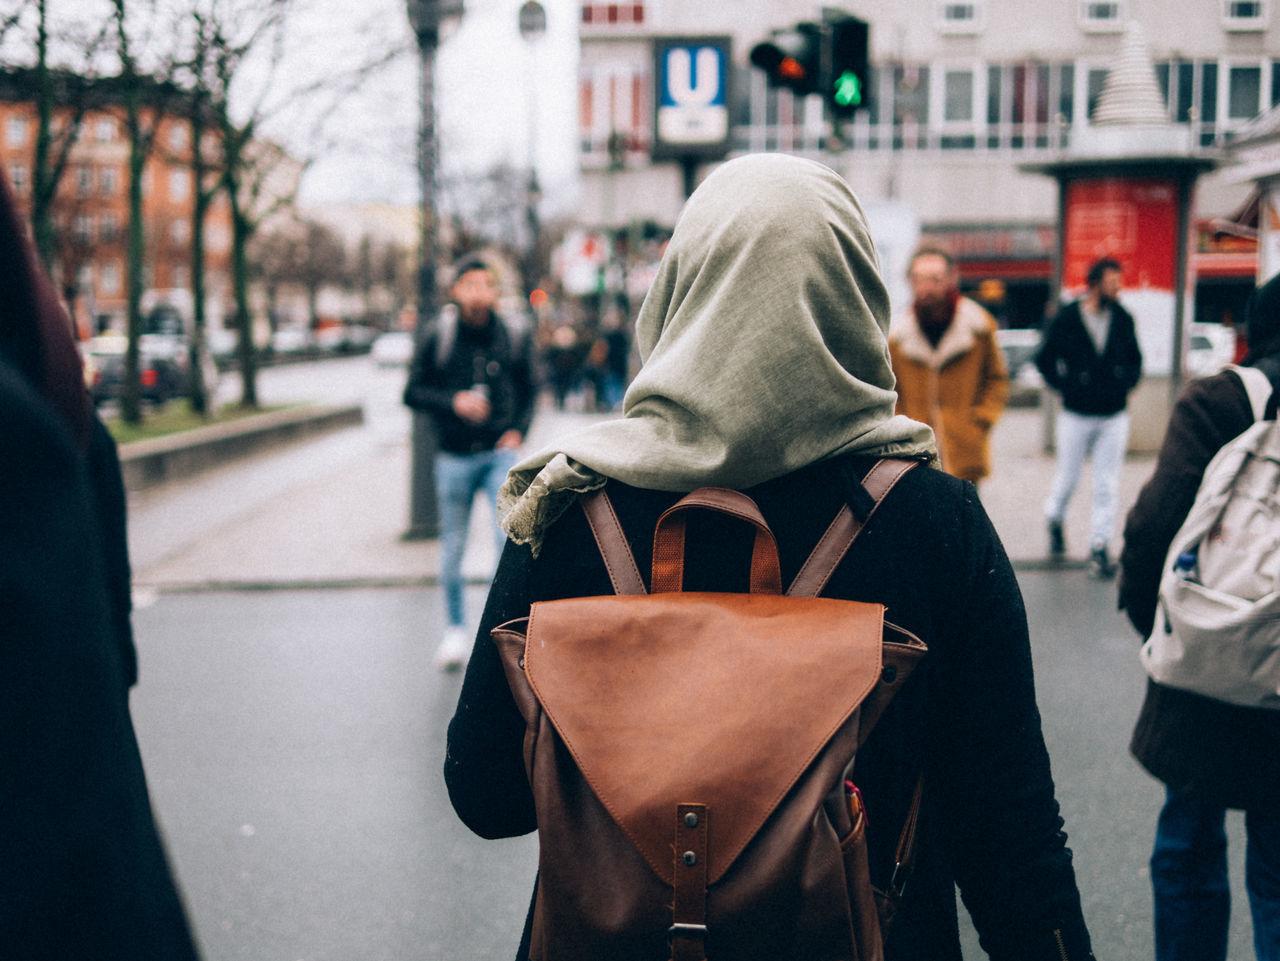 hermannplatz, neukölln Hermannplatz Hijab Woman